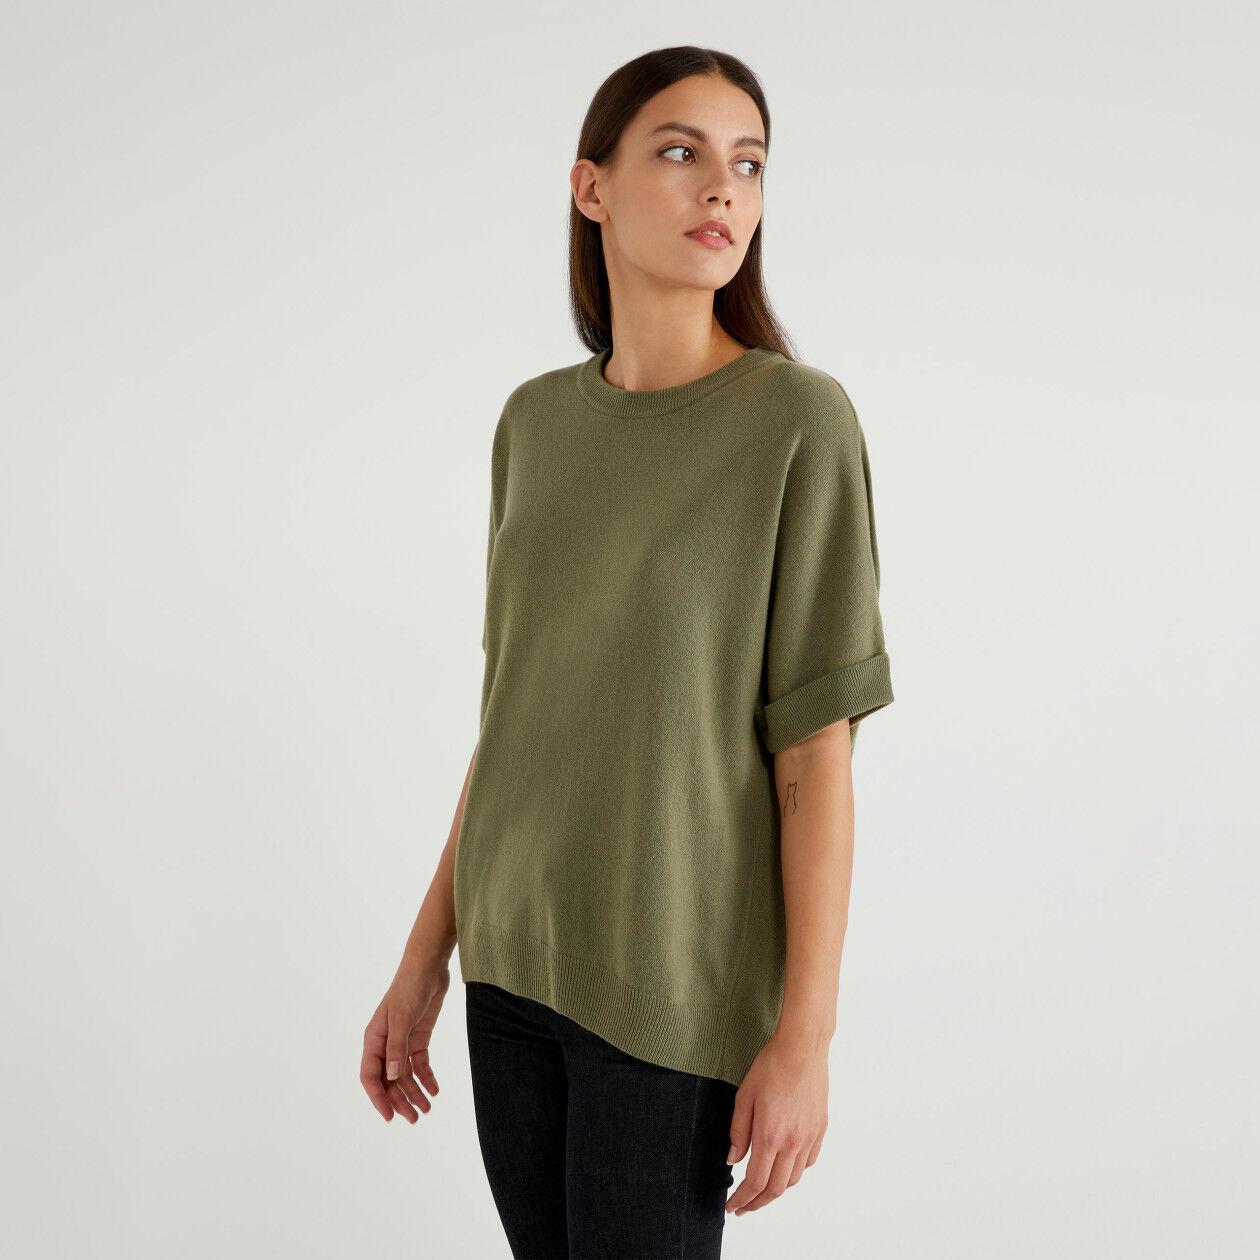 Short sleeve sweater in wool blend